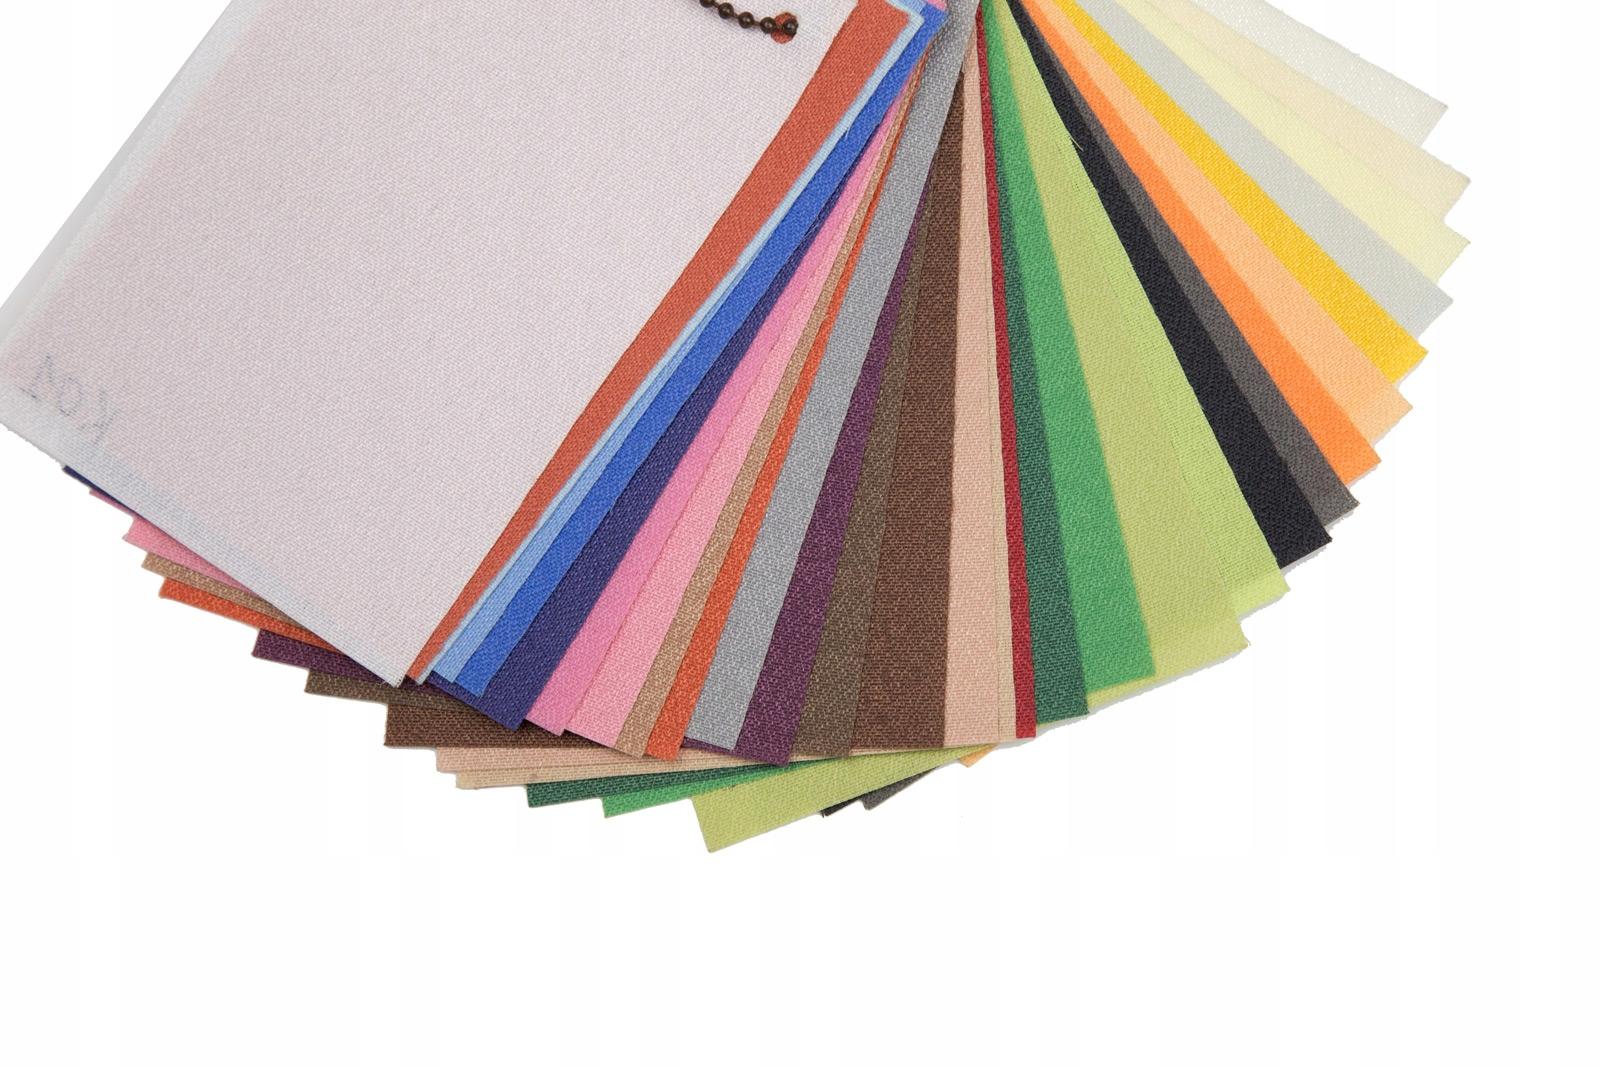 Wzornik tkanin do 5 dowolnych kolorów